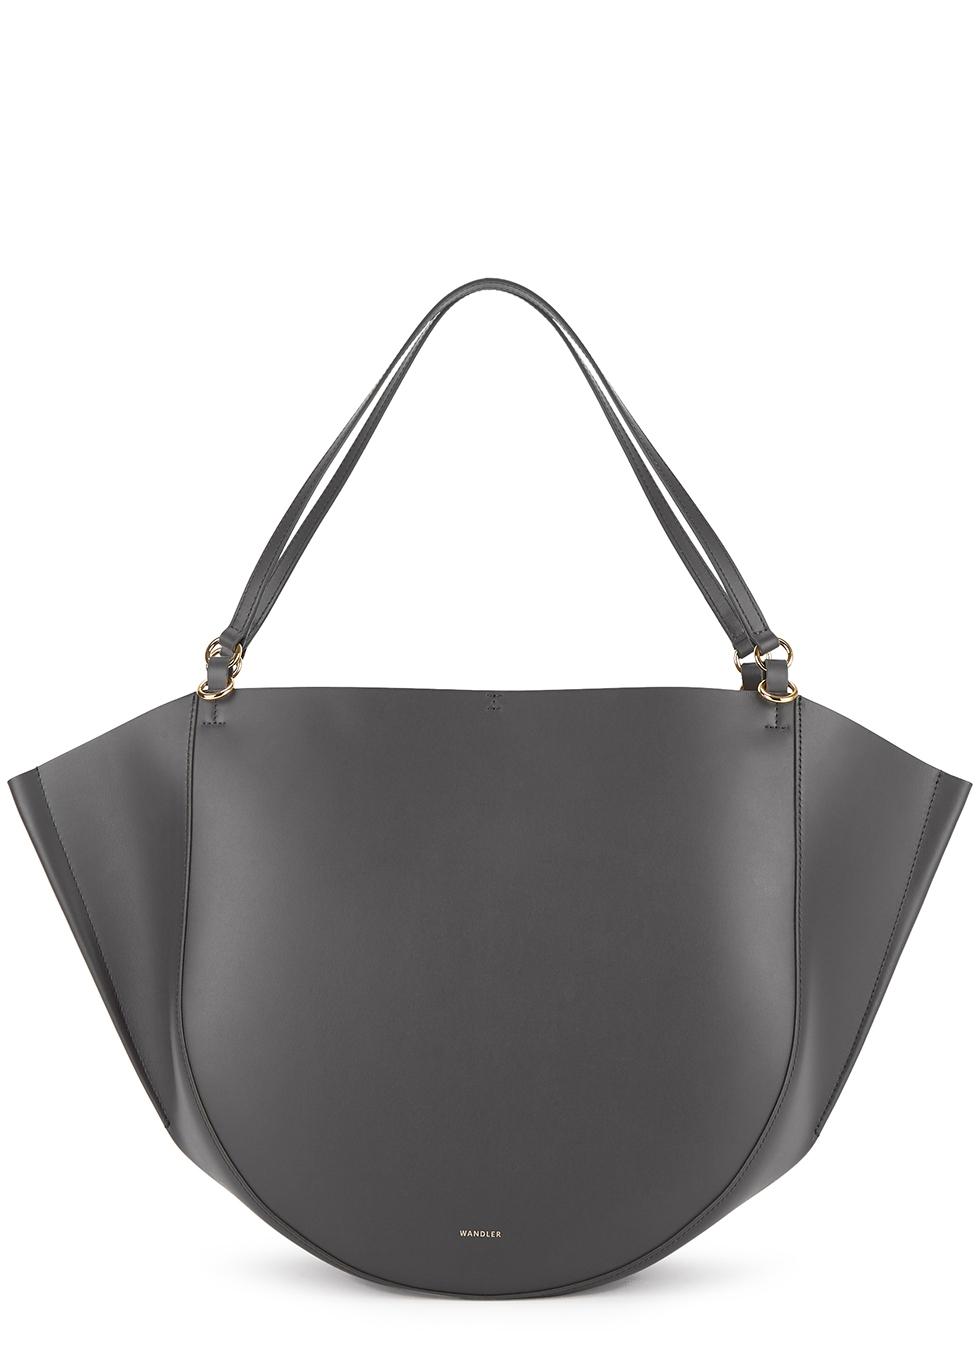 Mia dark grey leather tote